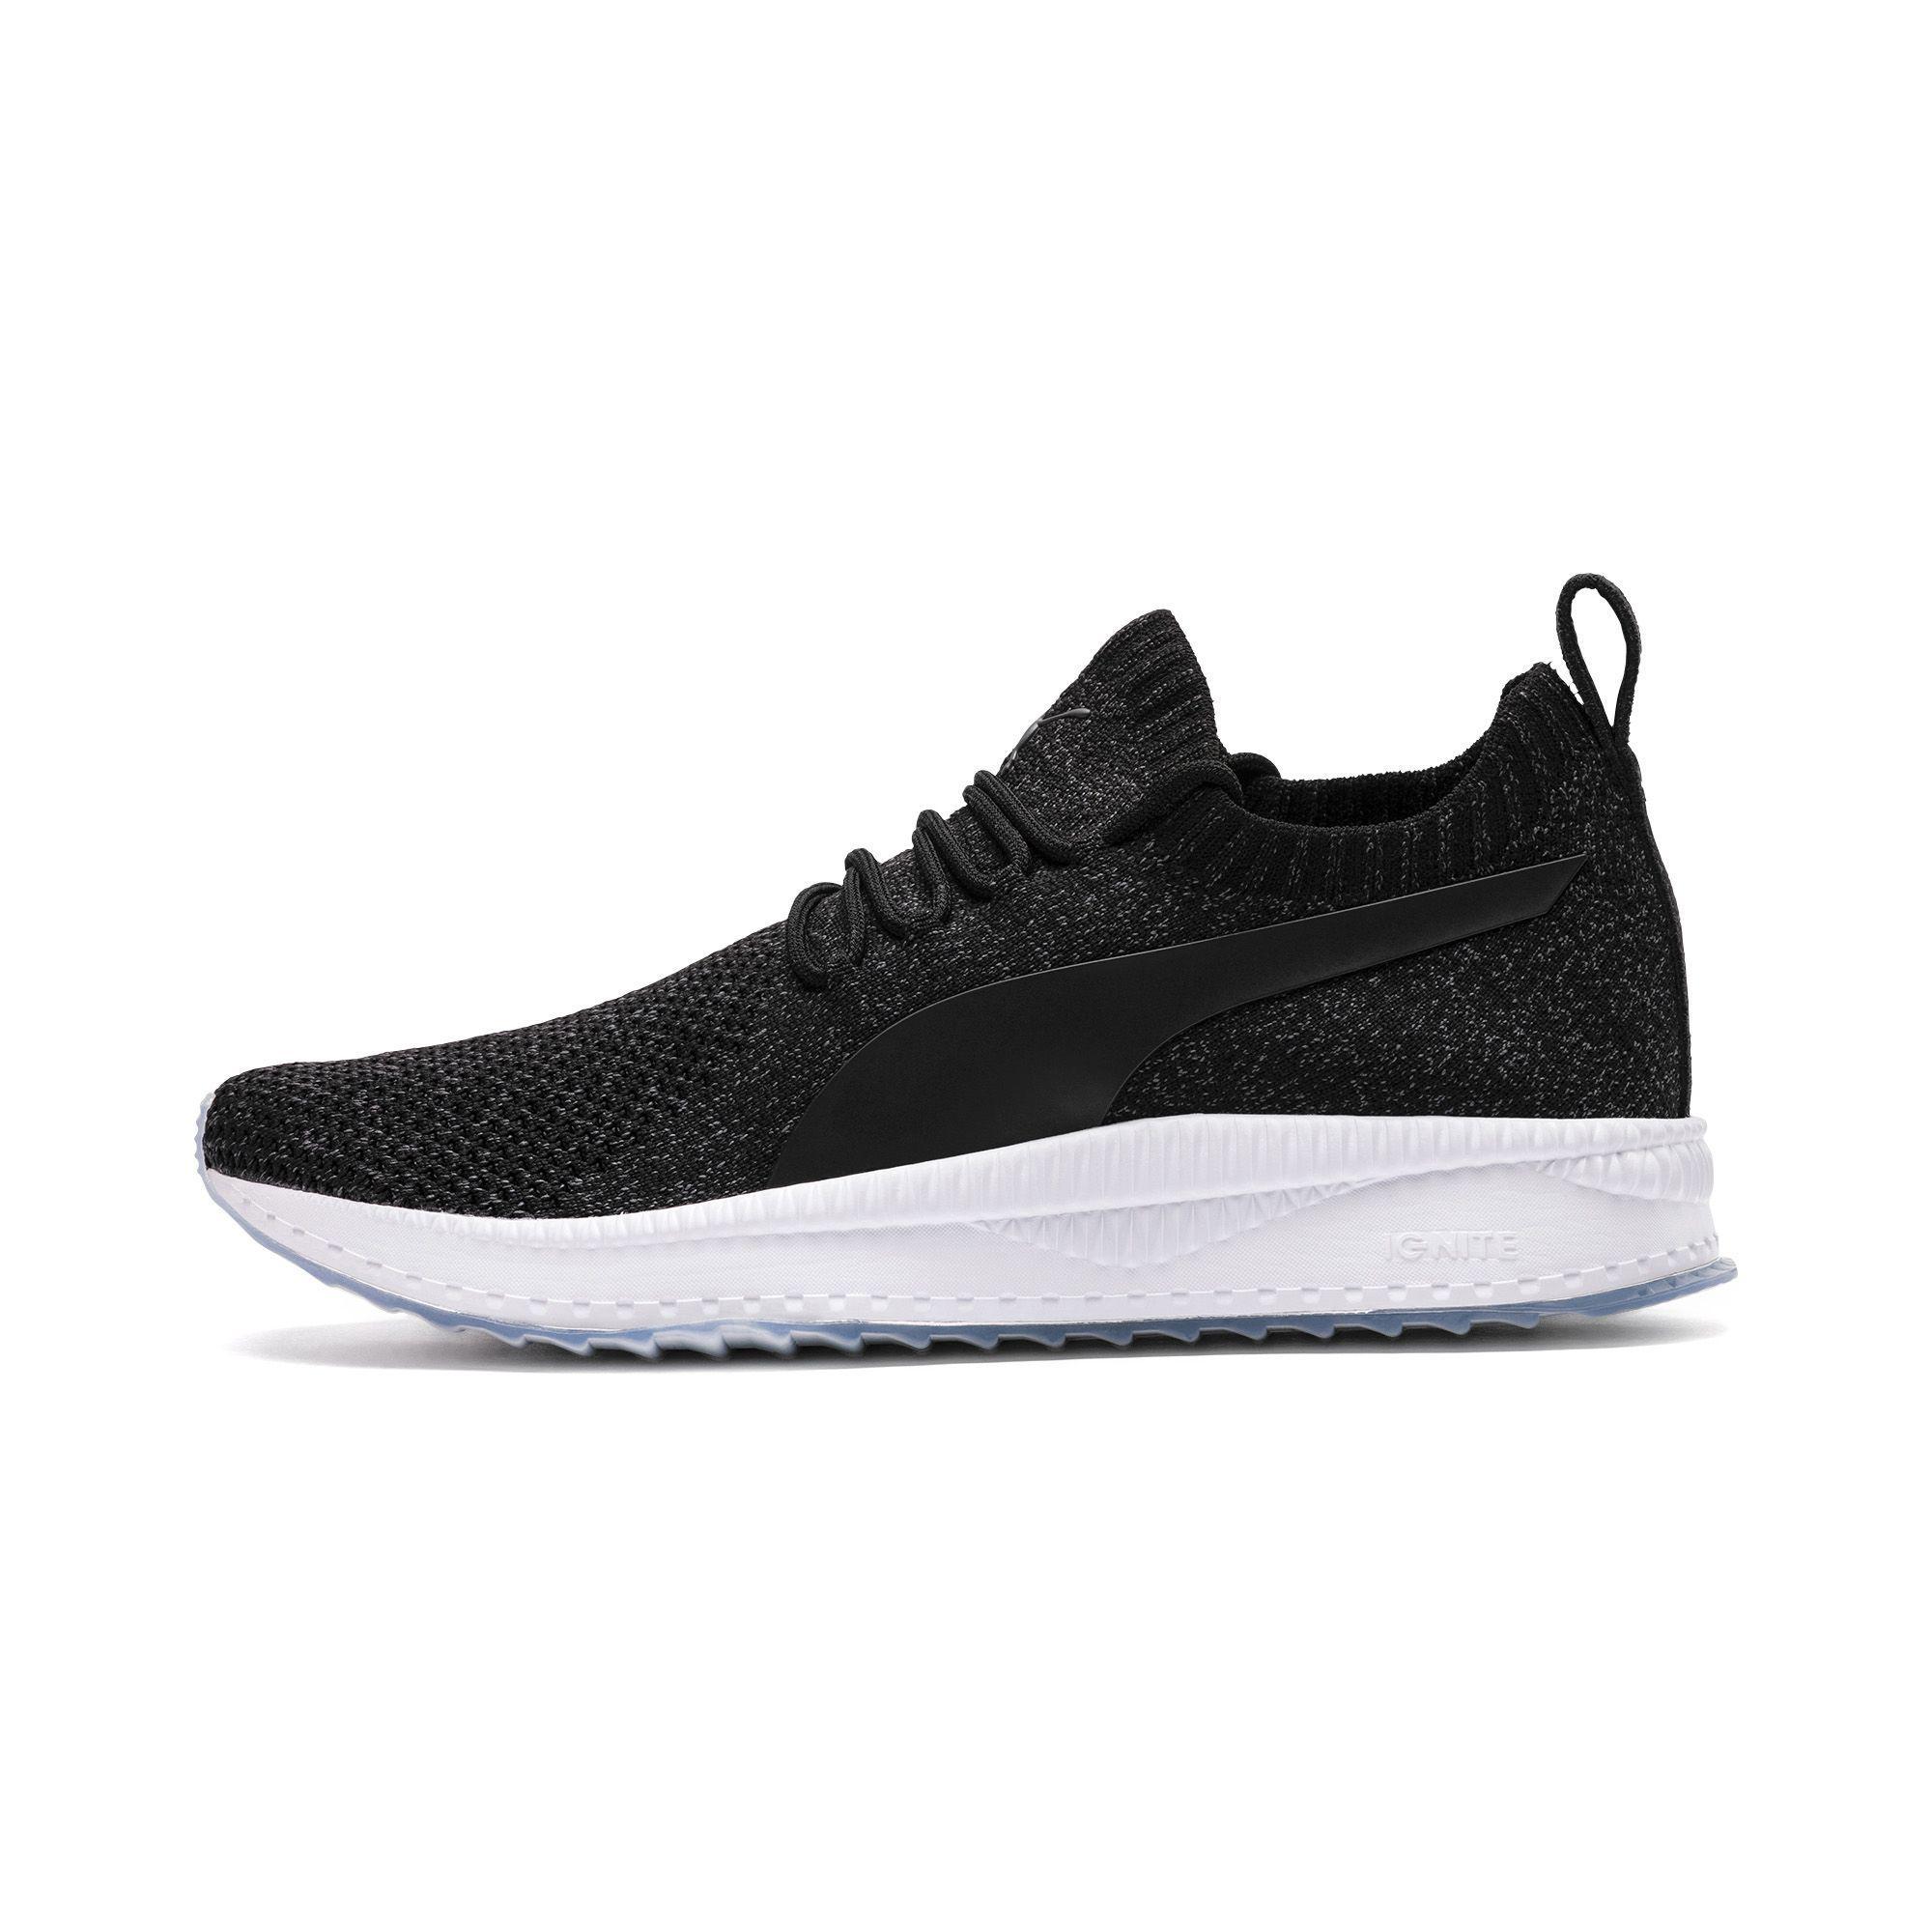 Lyst - PUMA Tsugi Apex Evoknit Men s Sneakers in Black for Men cb2103e80